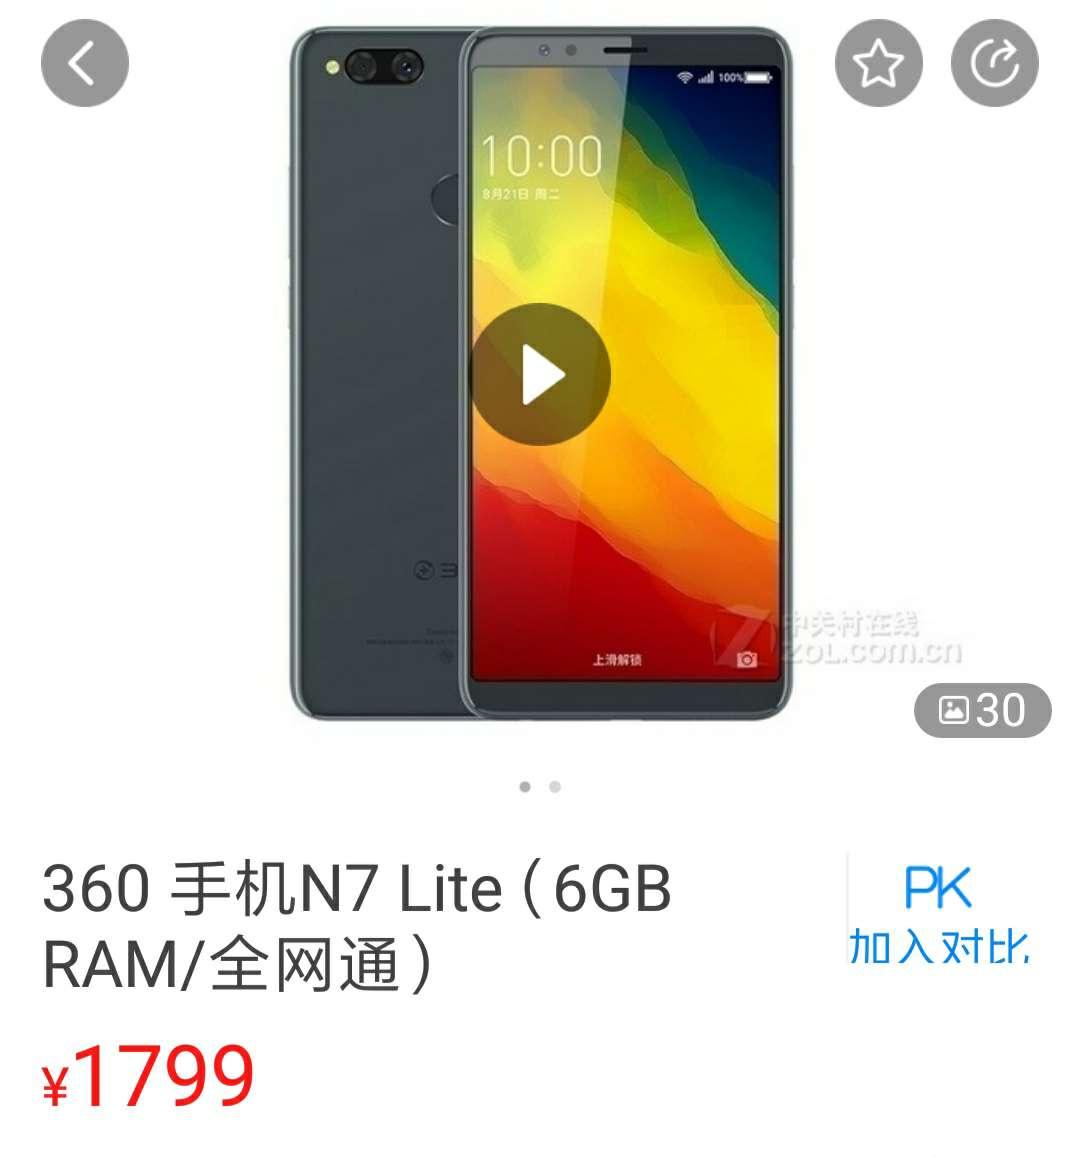 360 手机N7 Lite是什么处理器?